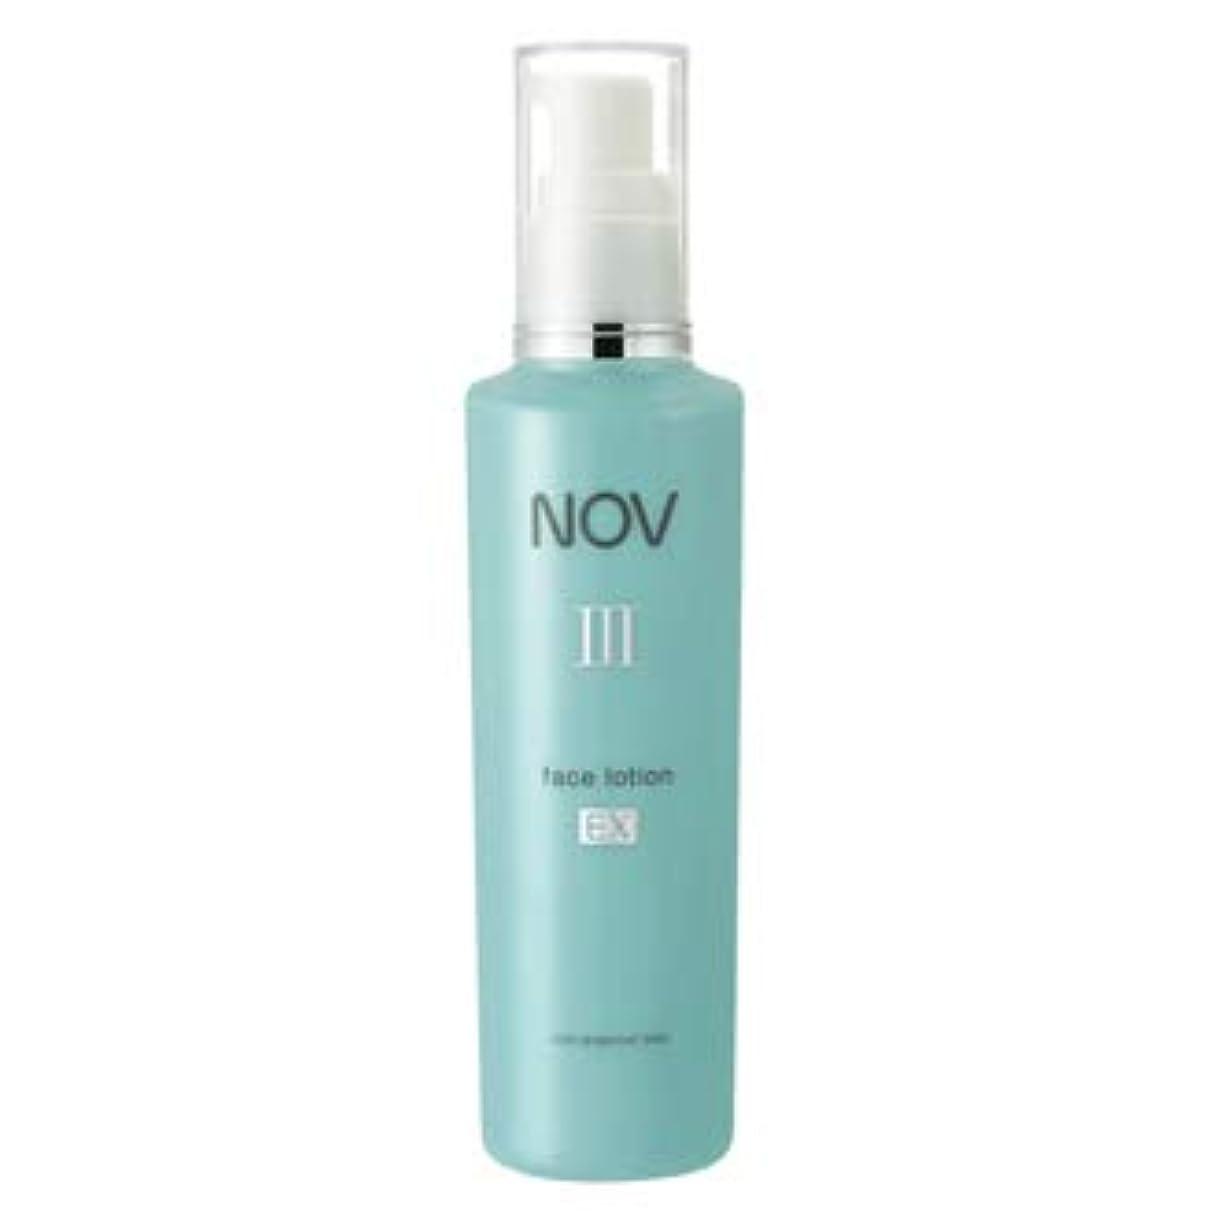 消えるスキップ南西ノブ Ⅲ フェイスローション EX 120ml 高保湿化粧水 [並行輸入品]